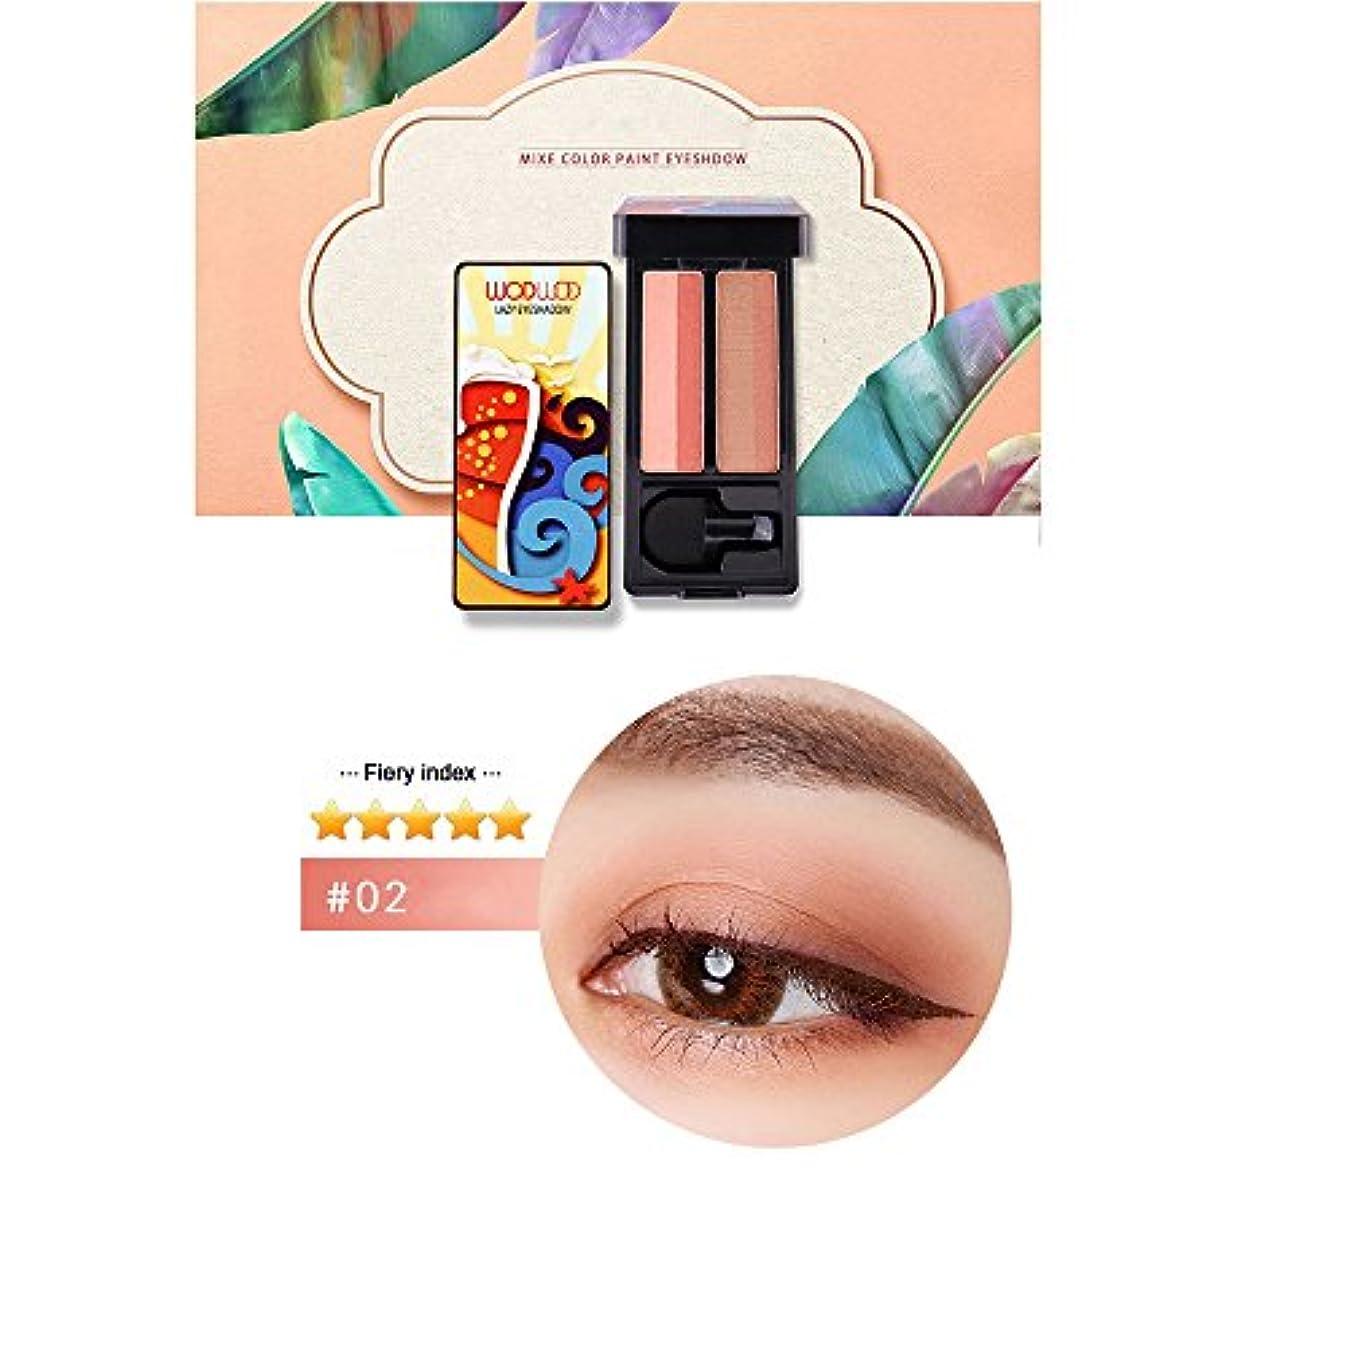 花嫁境界救出Akane アイシャドウパレット WODWOD 超人気 可愛い 魅力的 チャーム 防水 使いやすい 長持ち おしゃれ 持ち便利 Eye Shadow (2色) W711